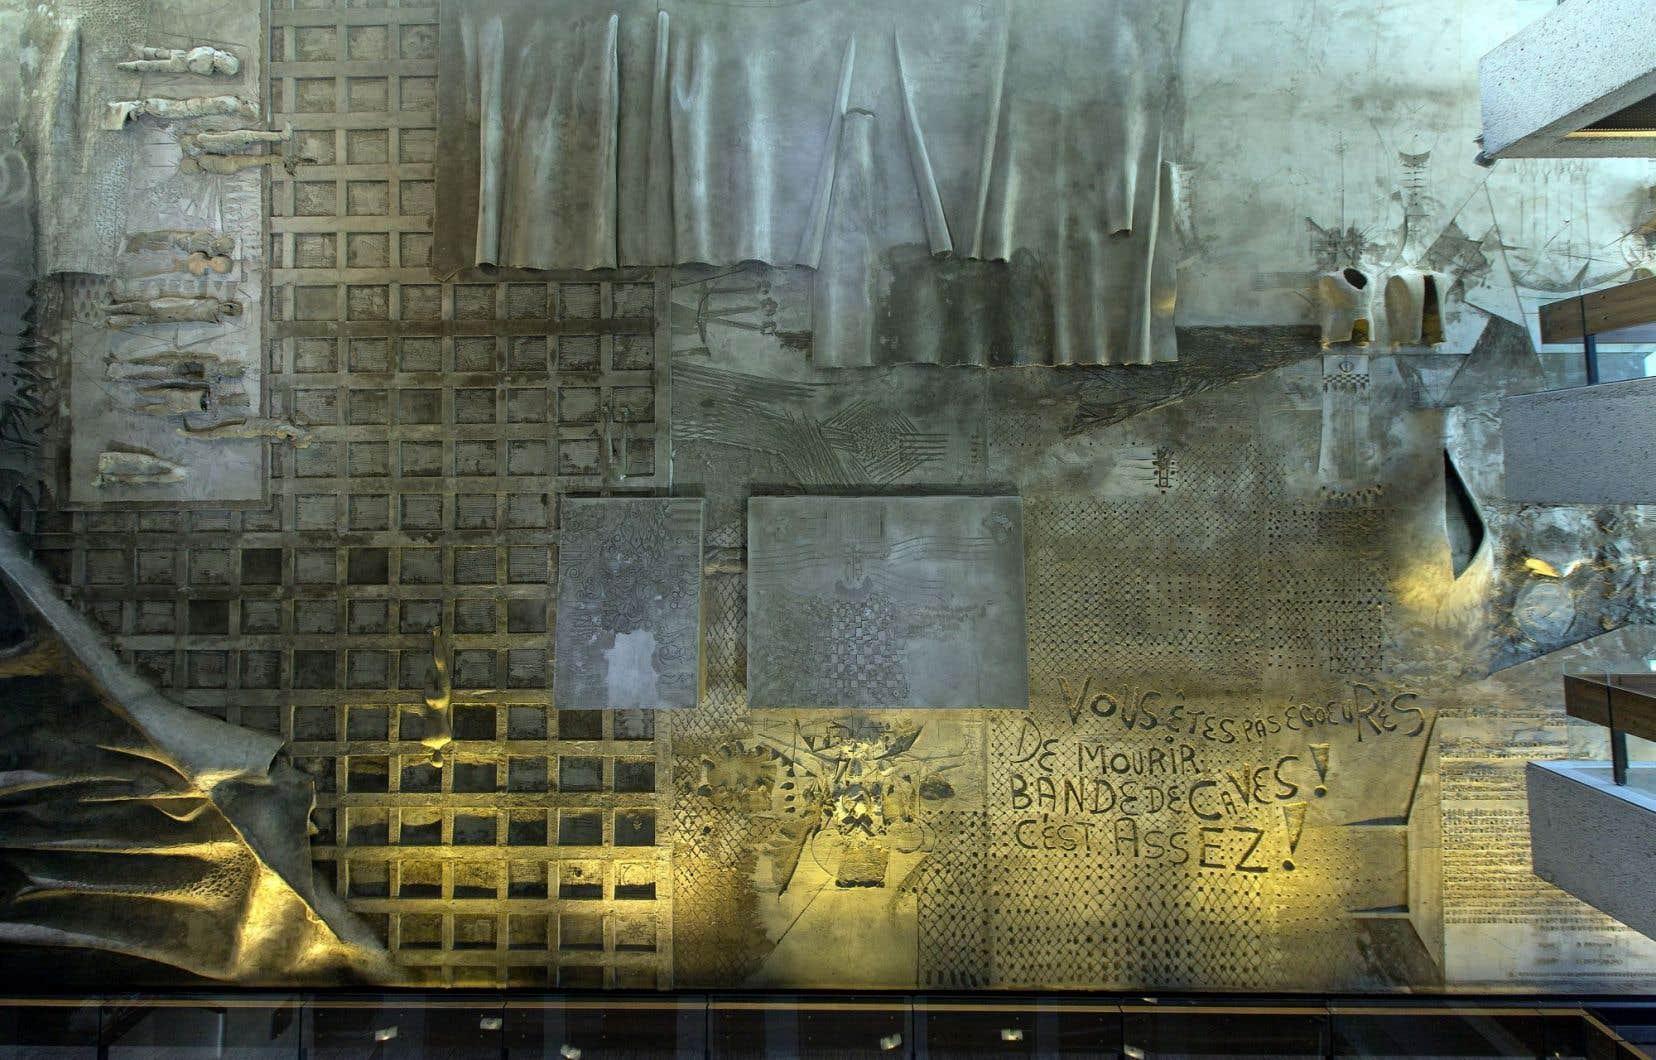 La murale de Jordi Bonet au Grand théâtre de Québec, comportant la célèbre phrase «Vous êtes pas écœurés de mourir, bande de caves? C'est assez!», du poète Claude Péloquin, a soulevé la controverse après son dévoilement en 1971.